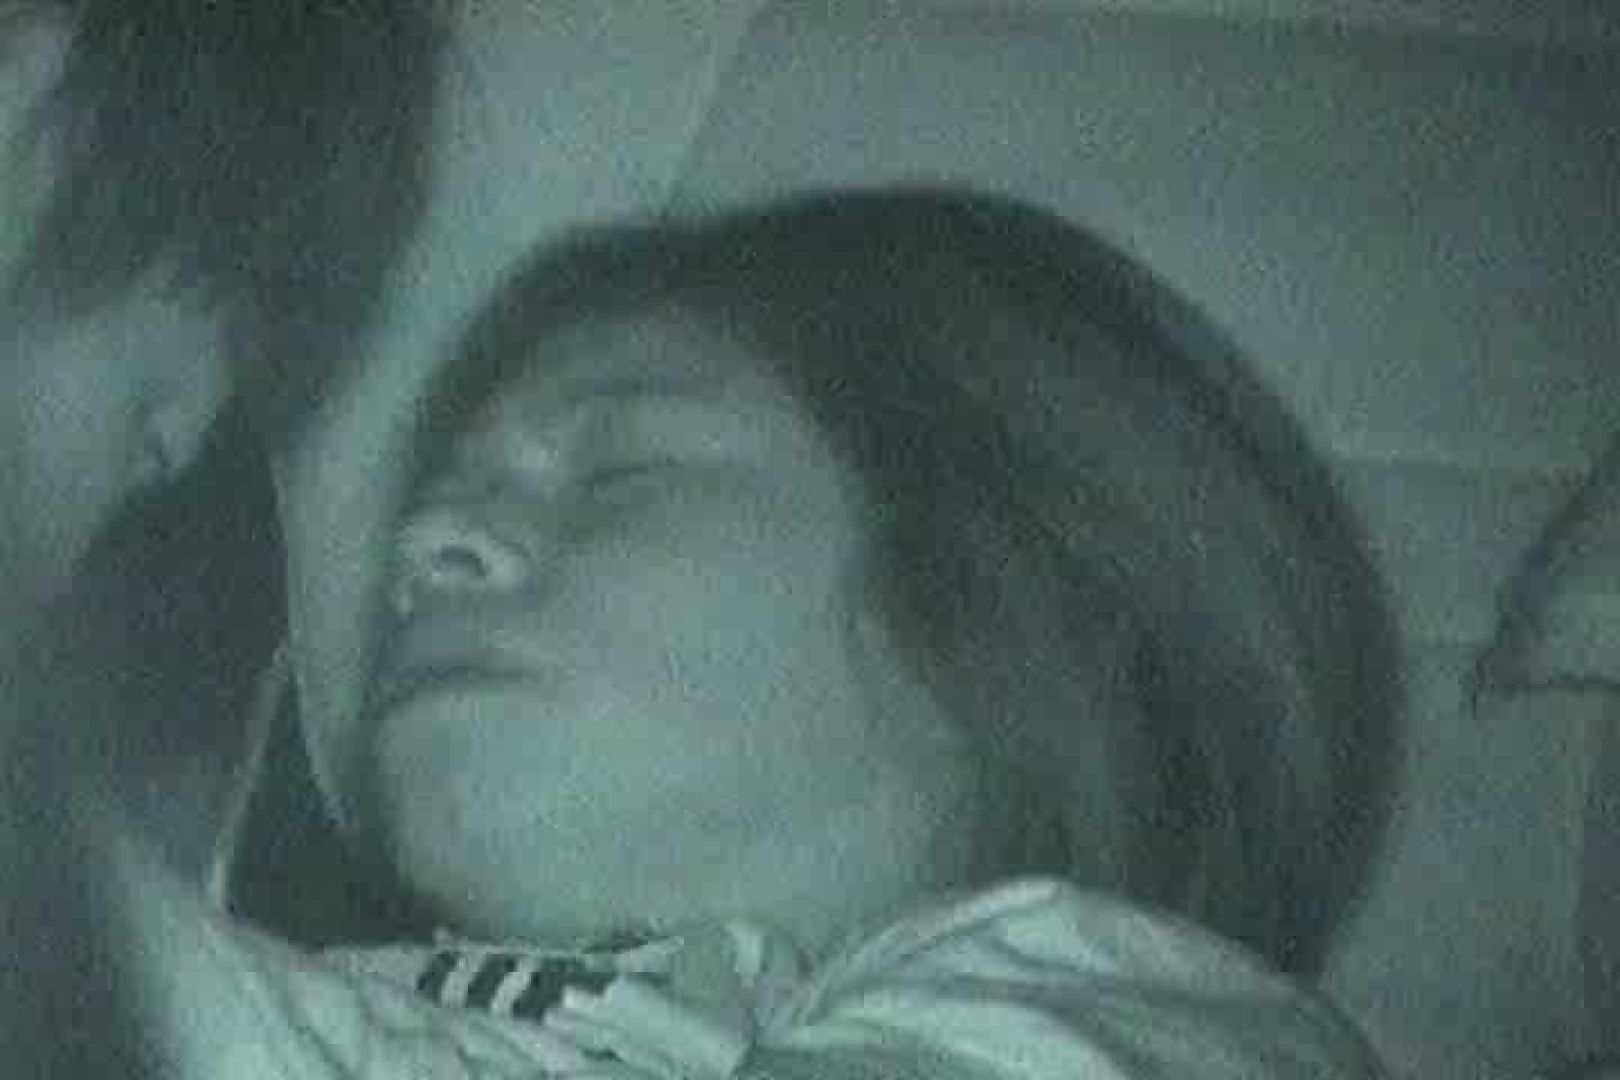 充血監督の深夜の運動会Vol.102 OLエロ画像 盗撮AV動画キャプチャ 95PICs 30